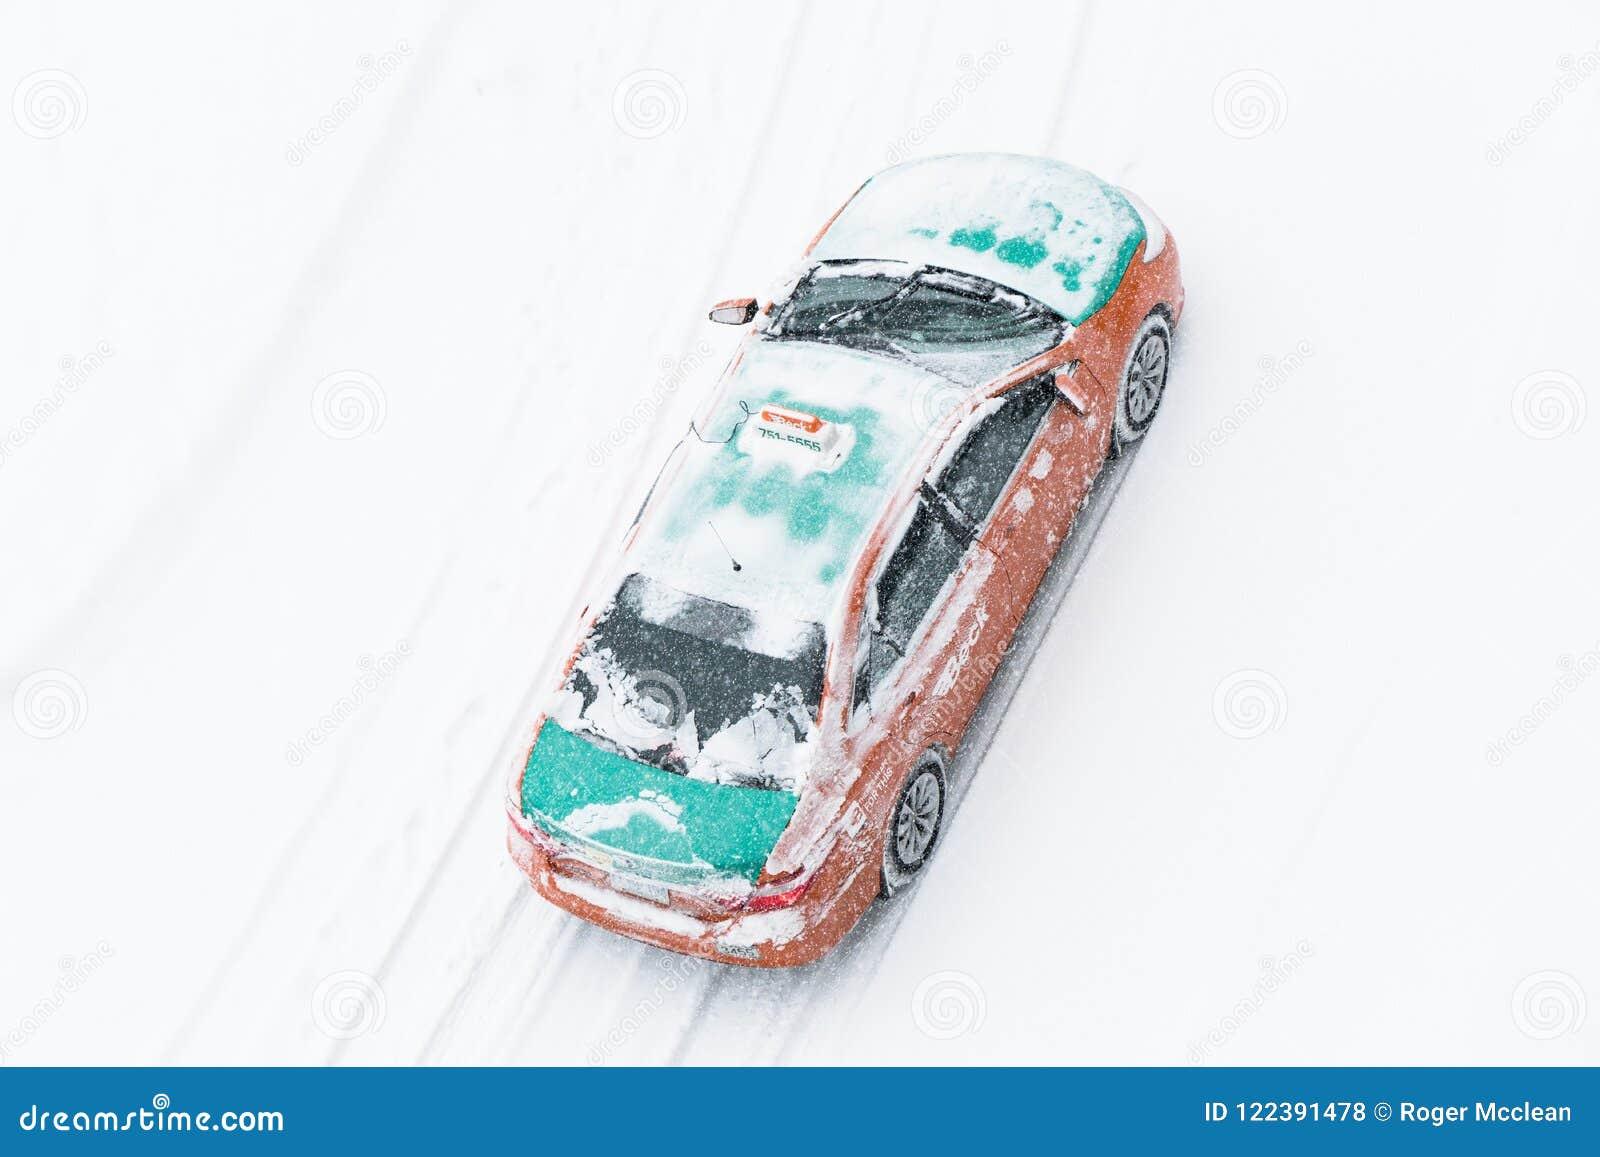 Impulsiones del taxi en nieve durante invierno